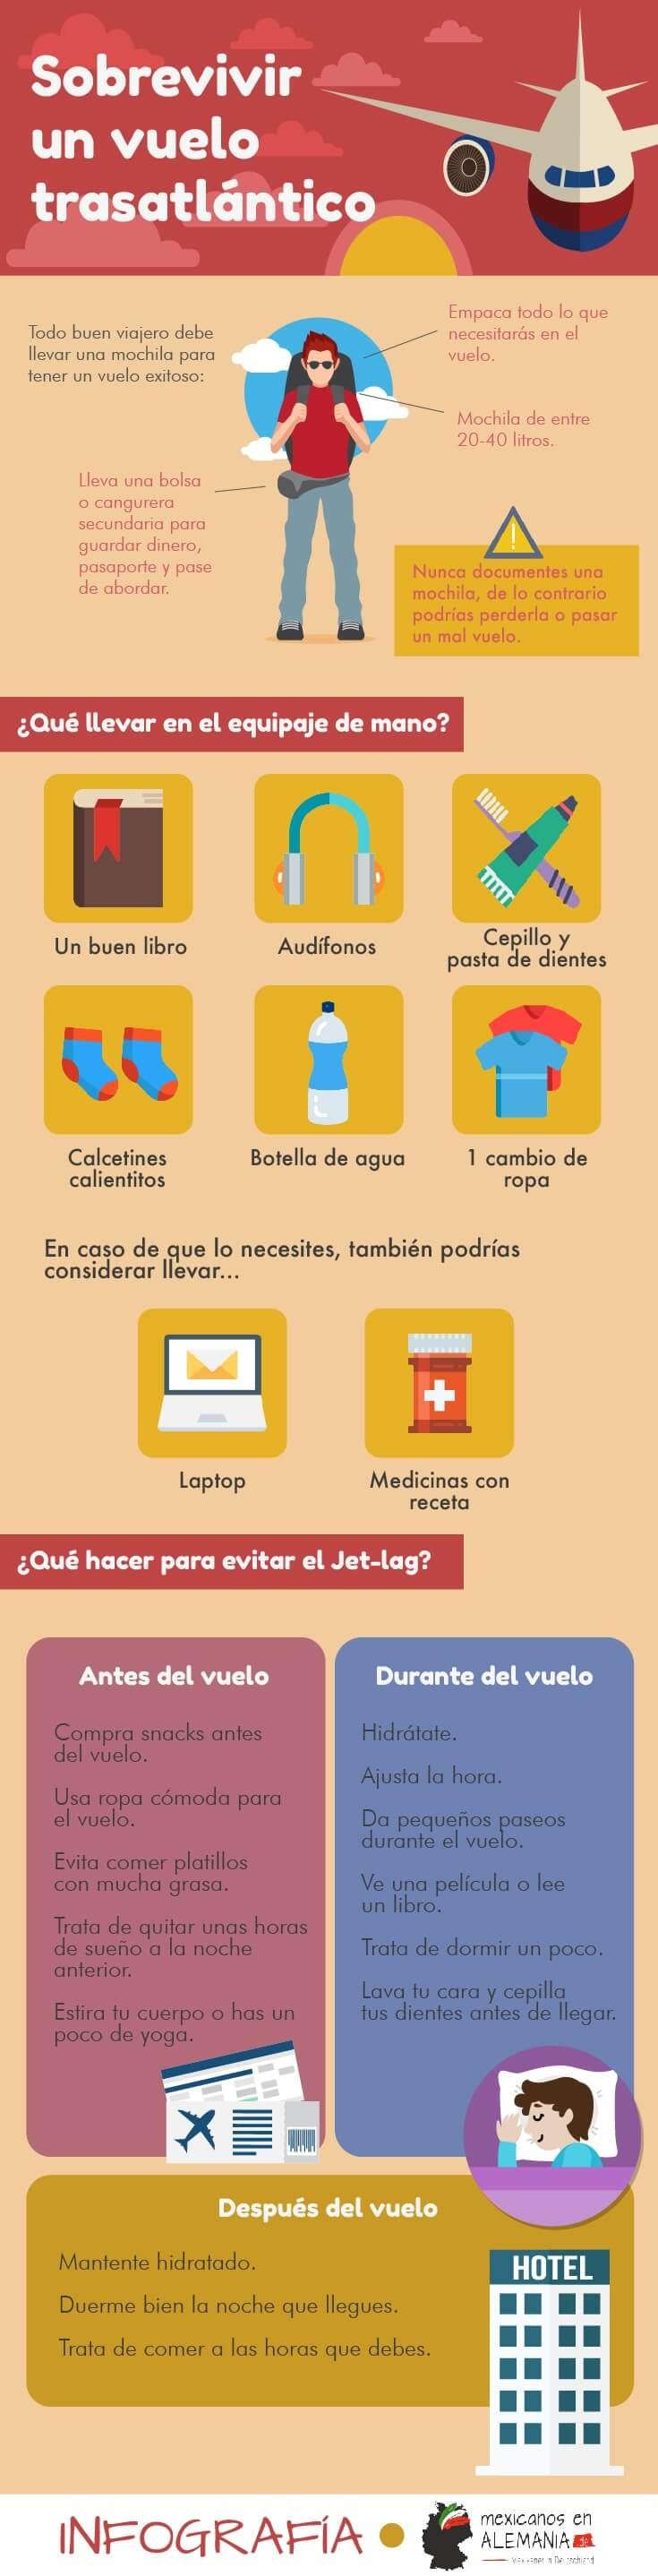 sobrevivir un vuelo transatlántico - infografía